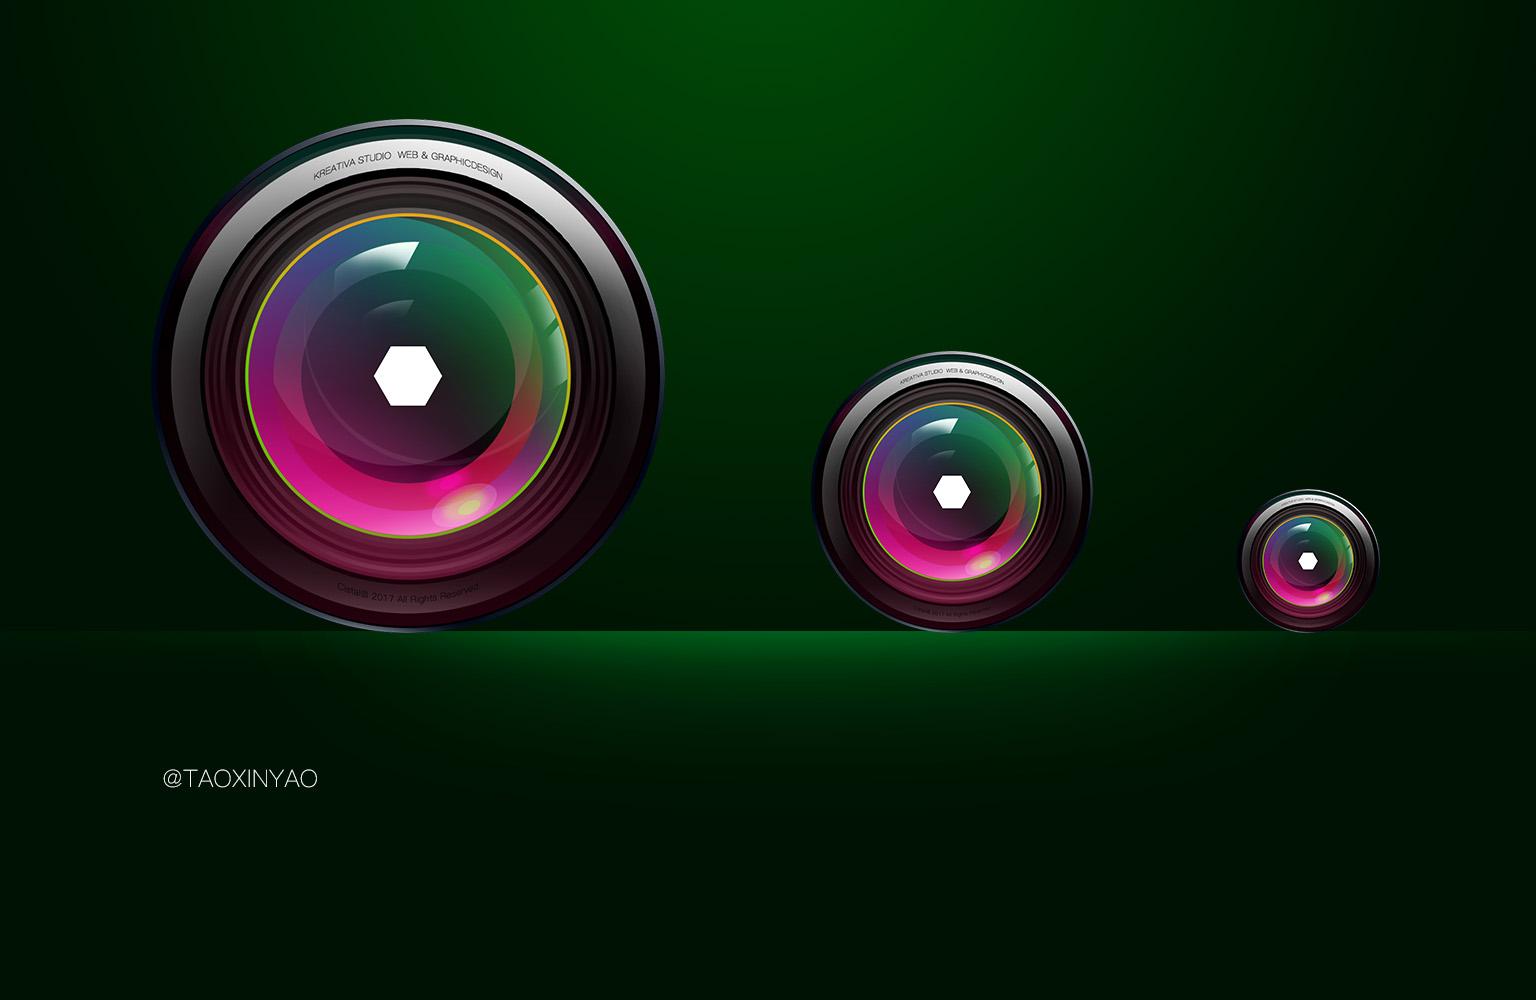 图标是一个摄像机的那个视图工具是什么